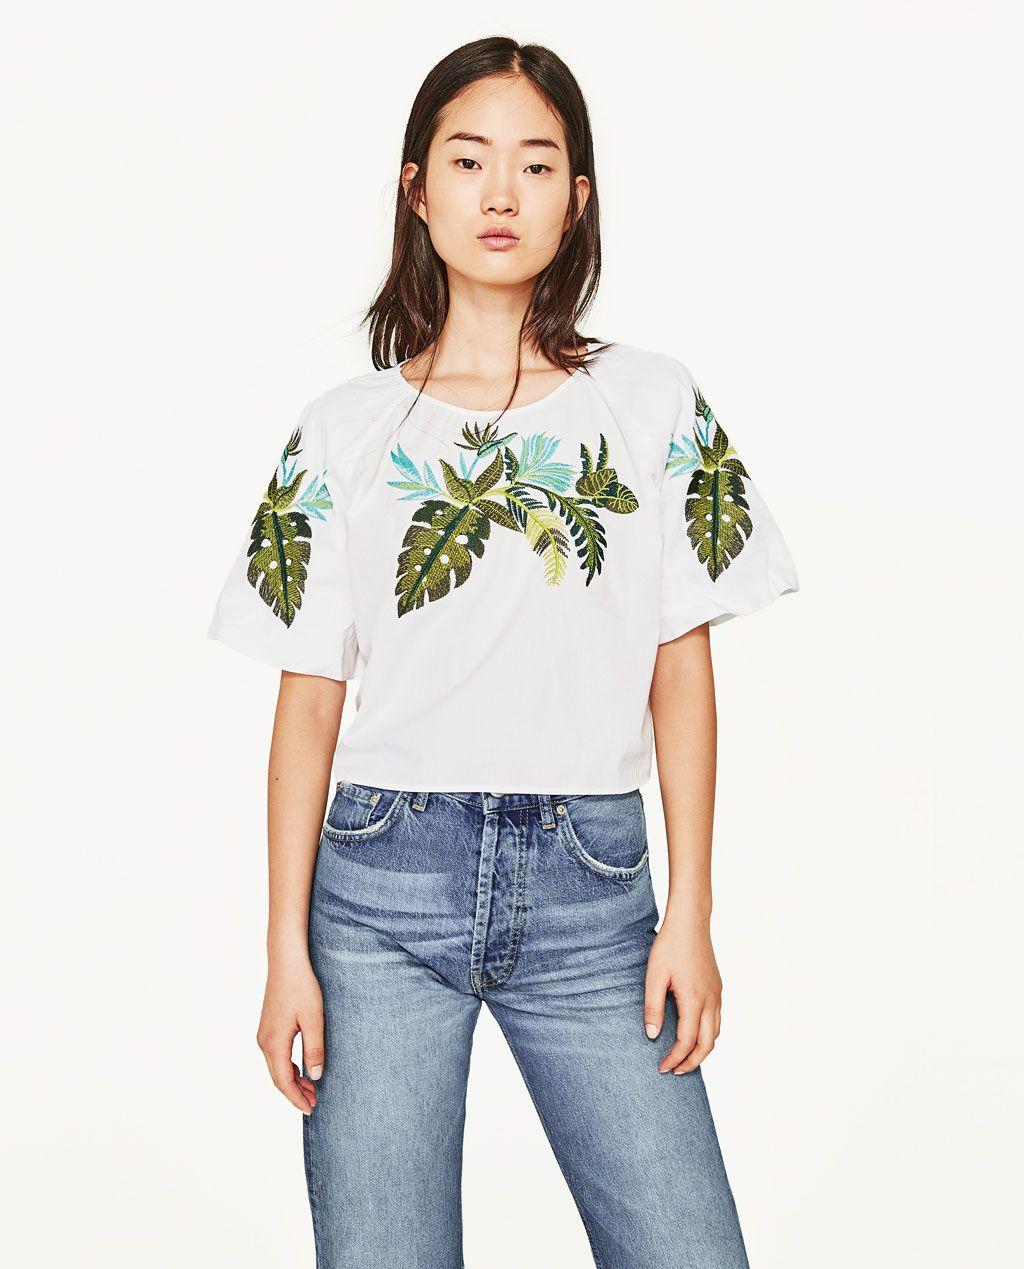 Zara Summer Blouses 27